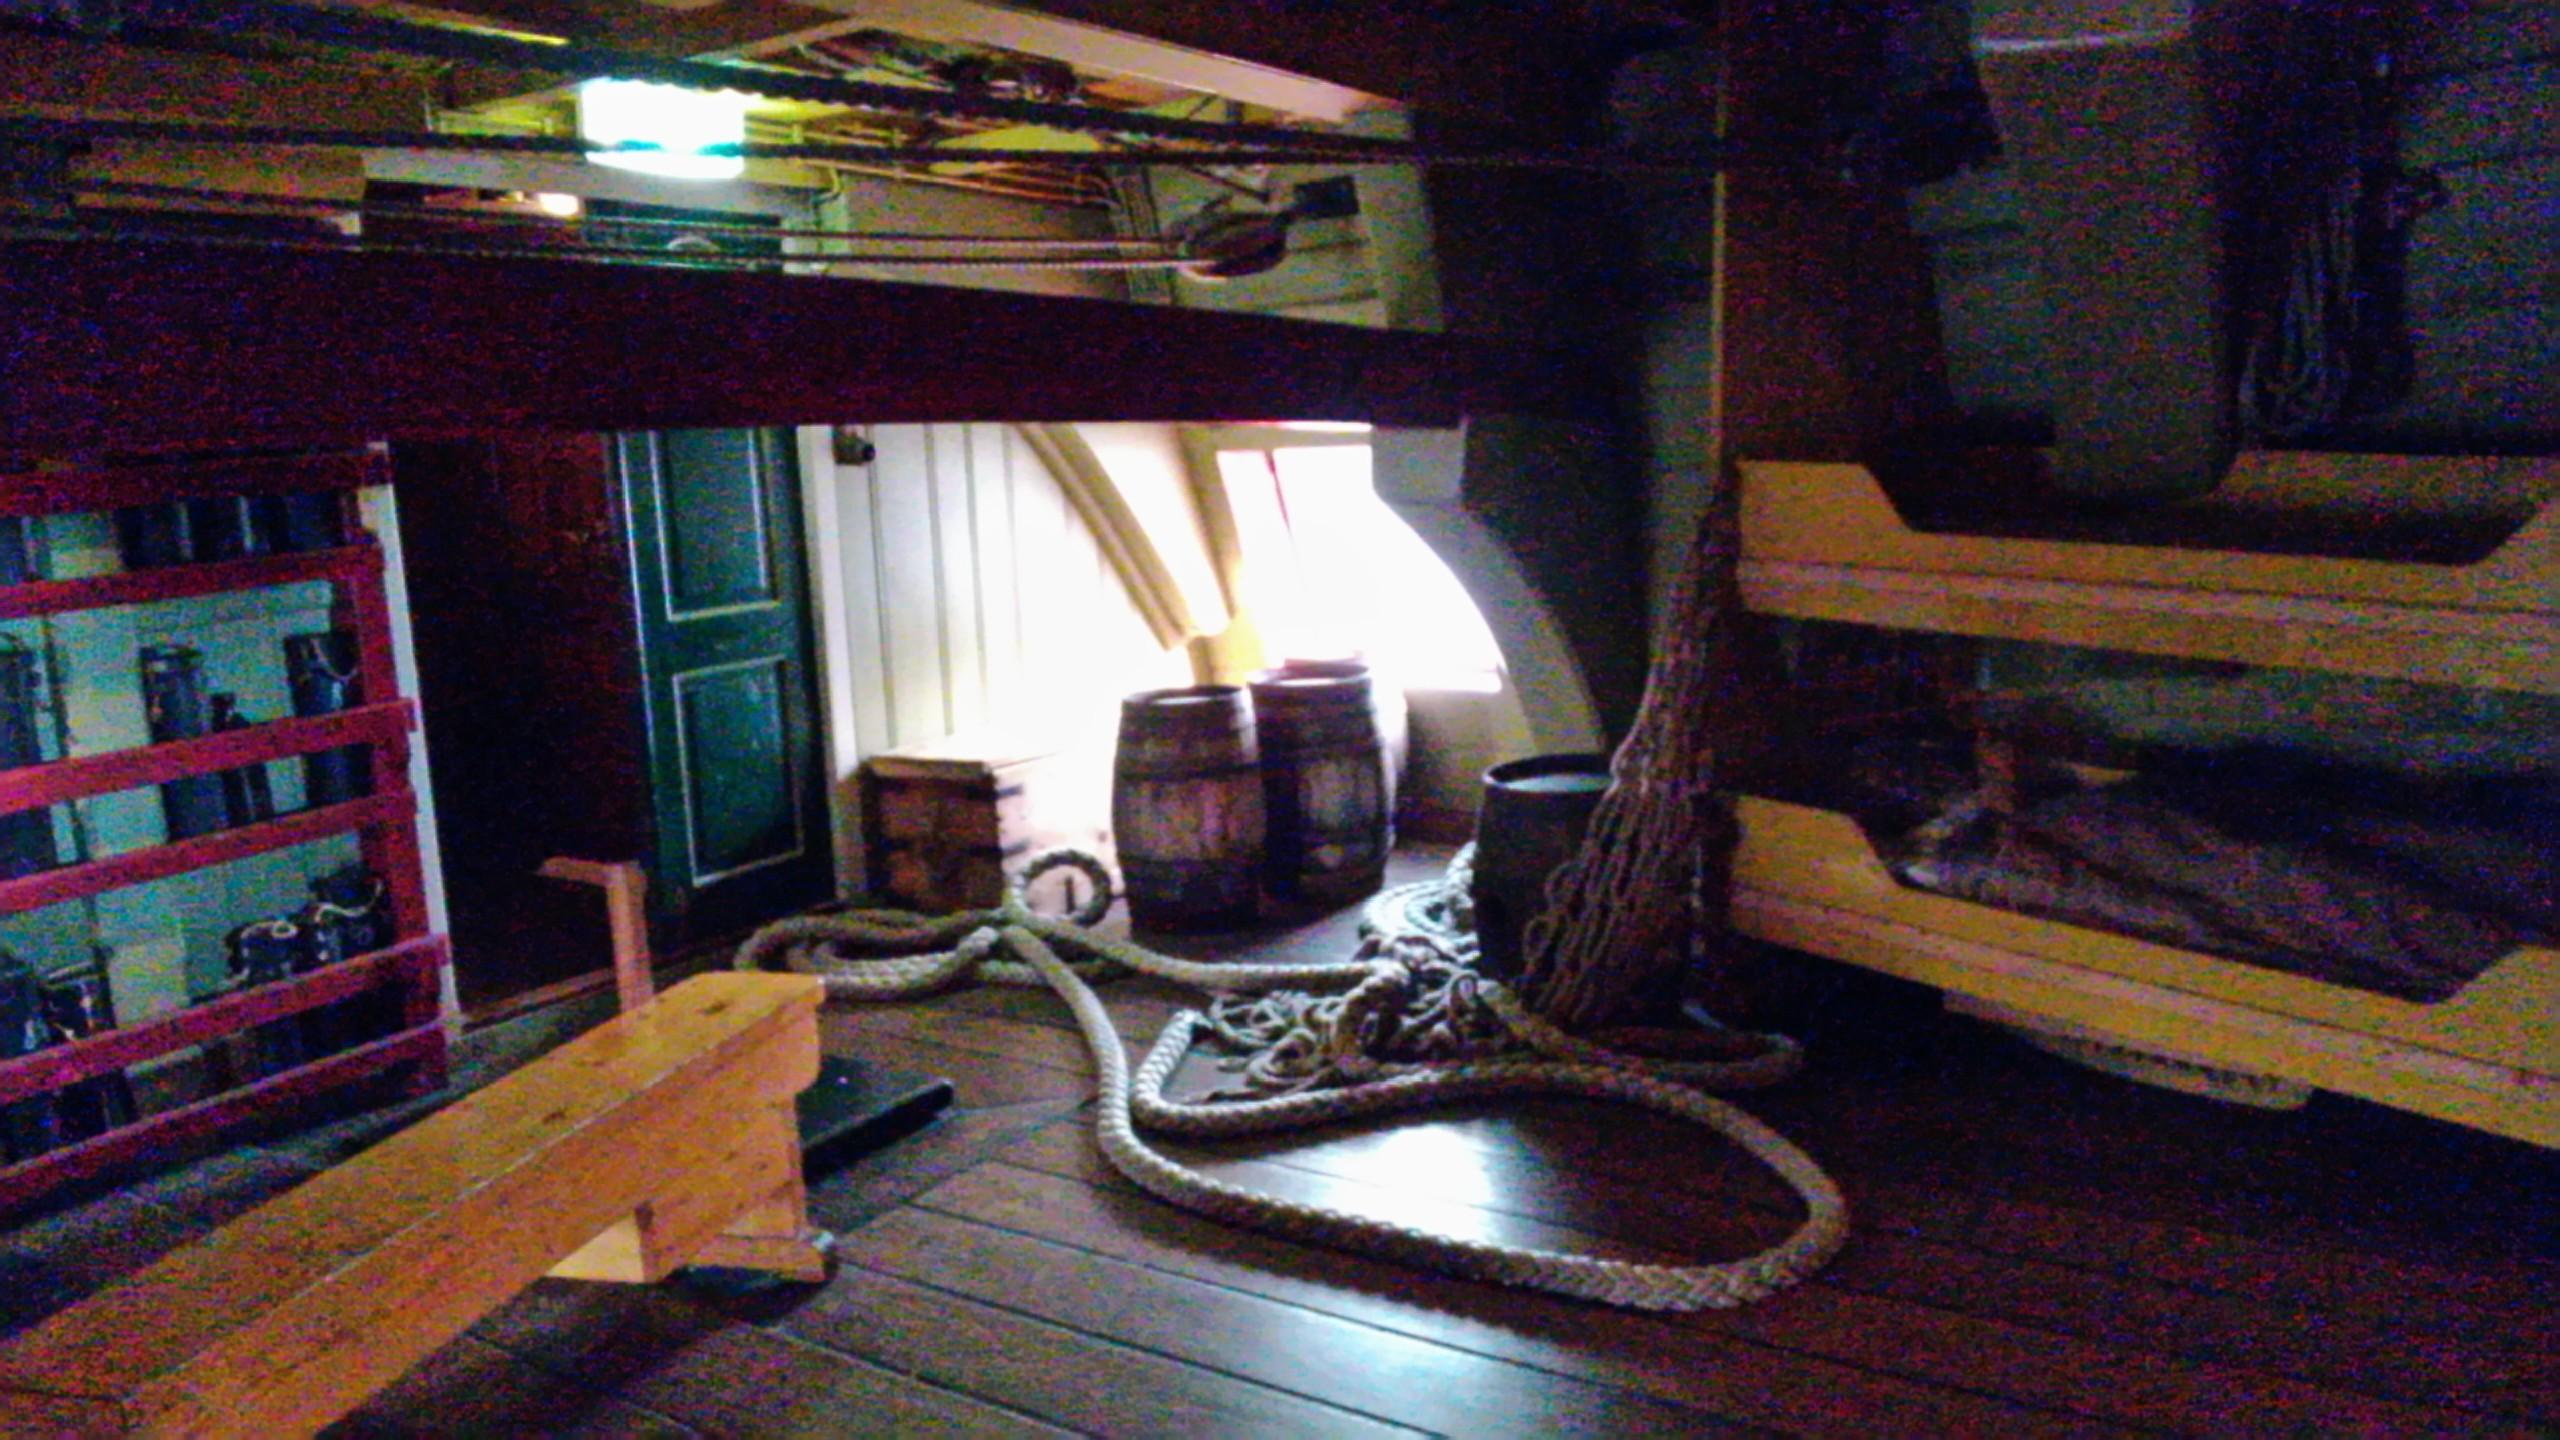 amsterdam_scheepvaartmuseum_3.jpg